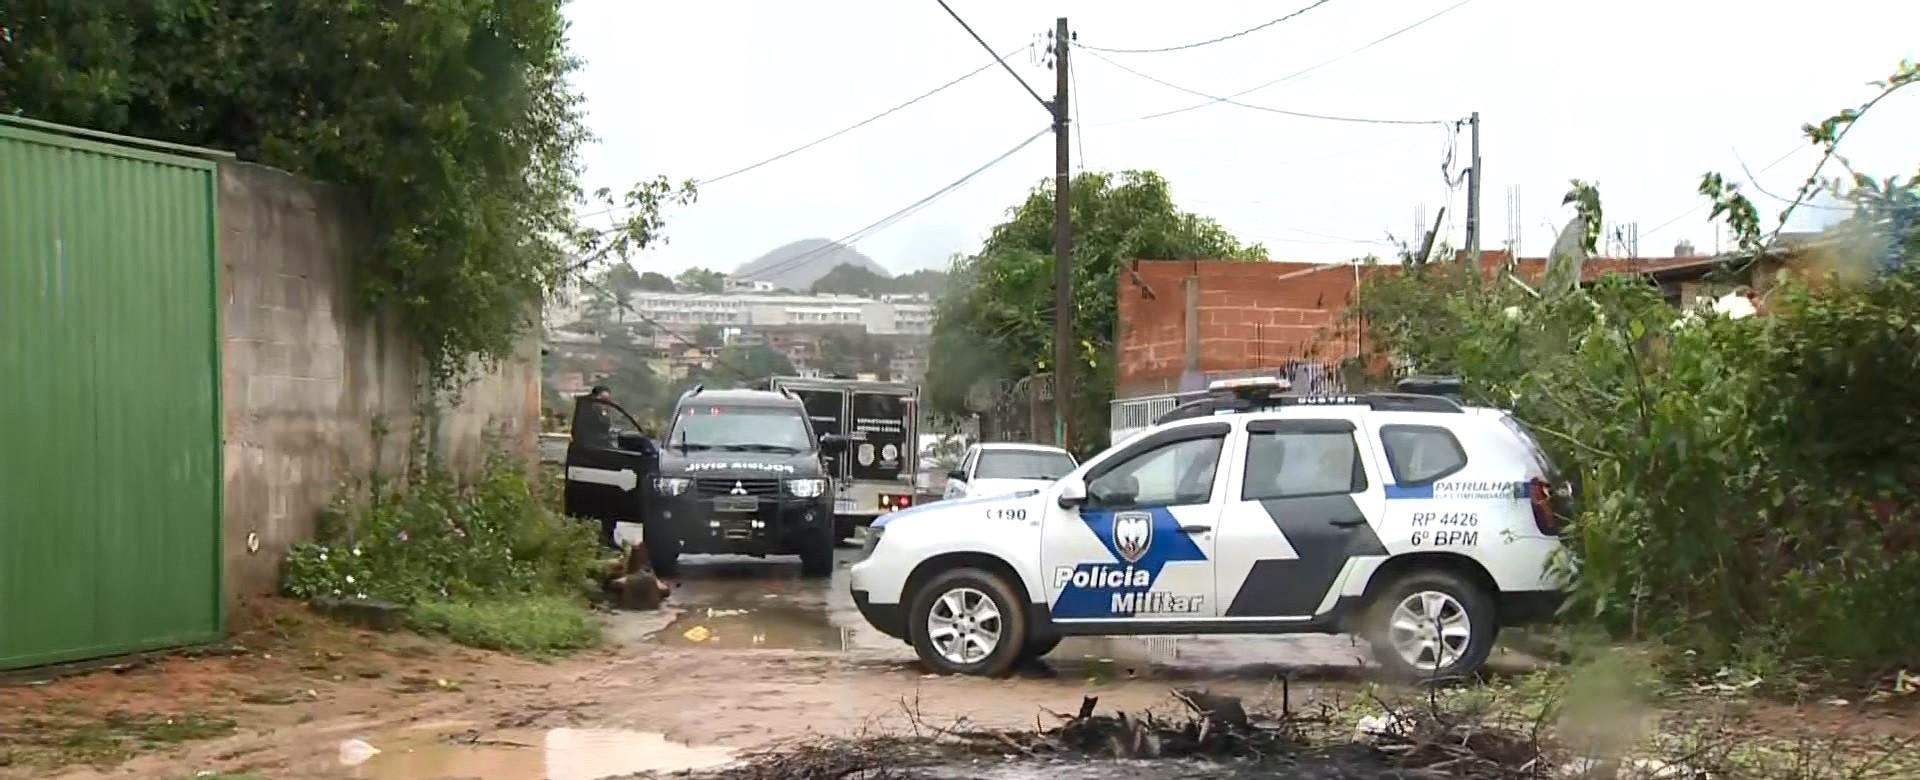 Adolescente é morto a tiros após tiroteio e encontrado em quintal de casa na Serra, ES